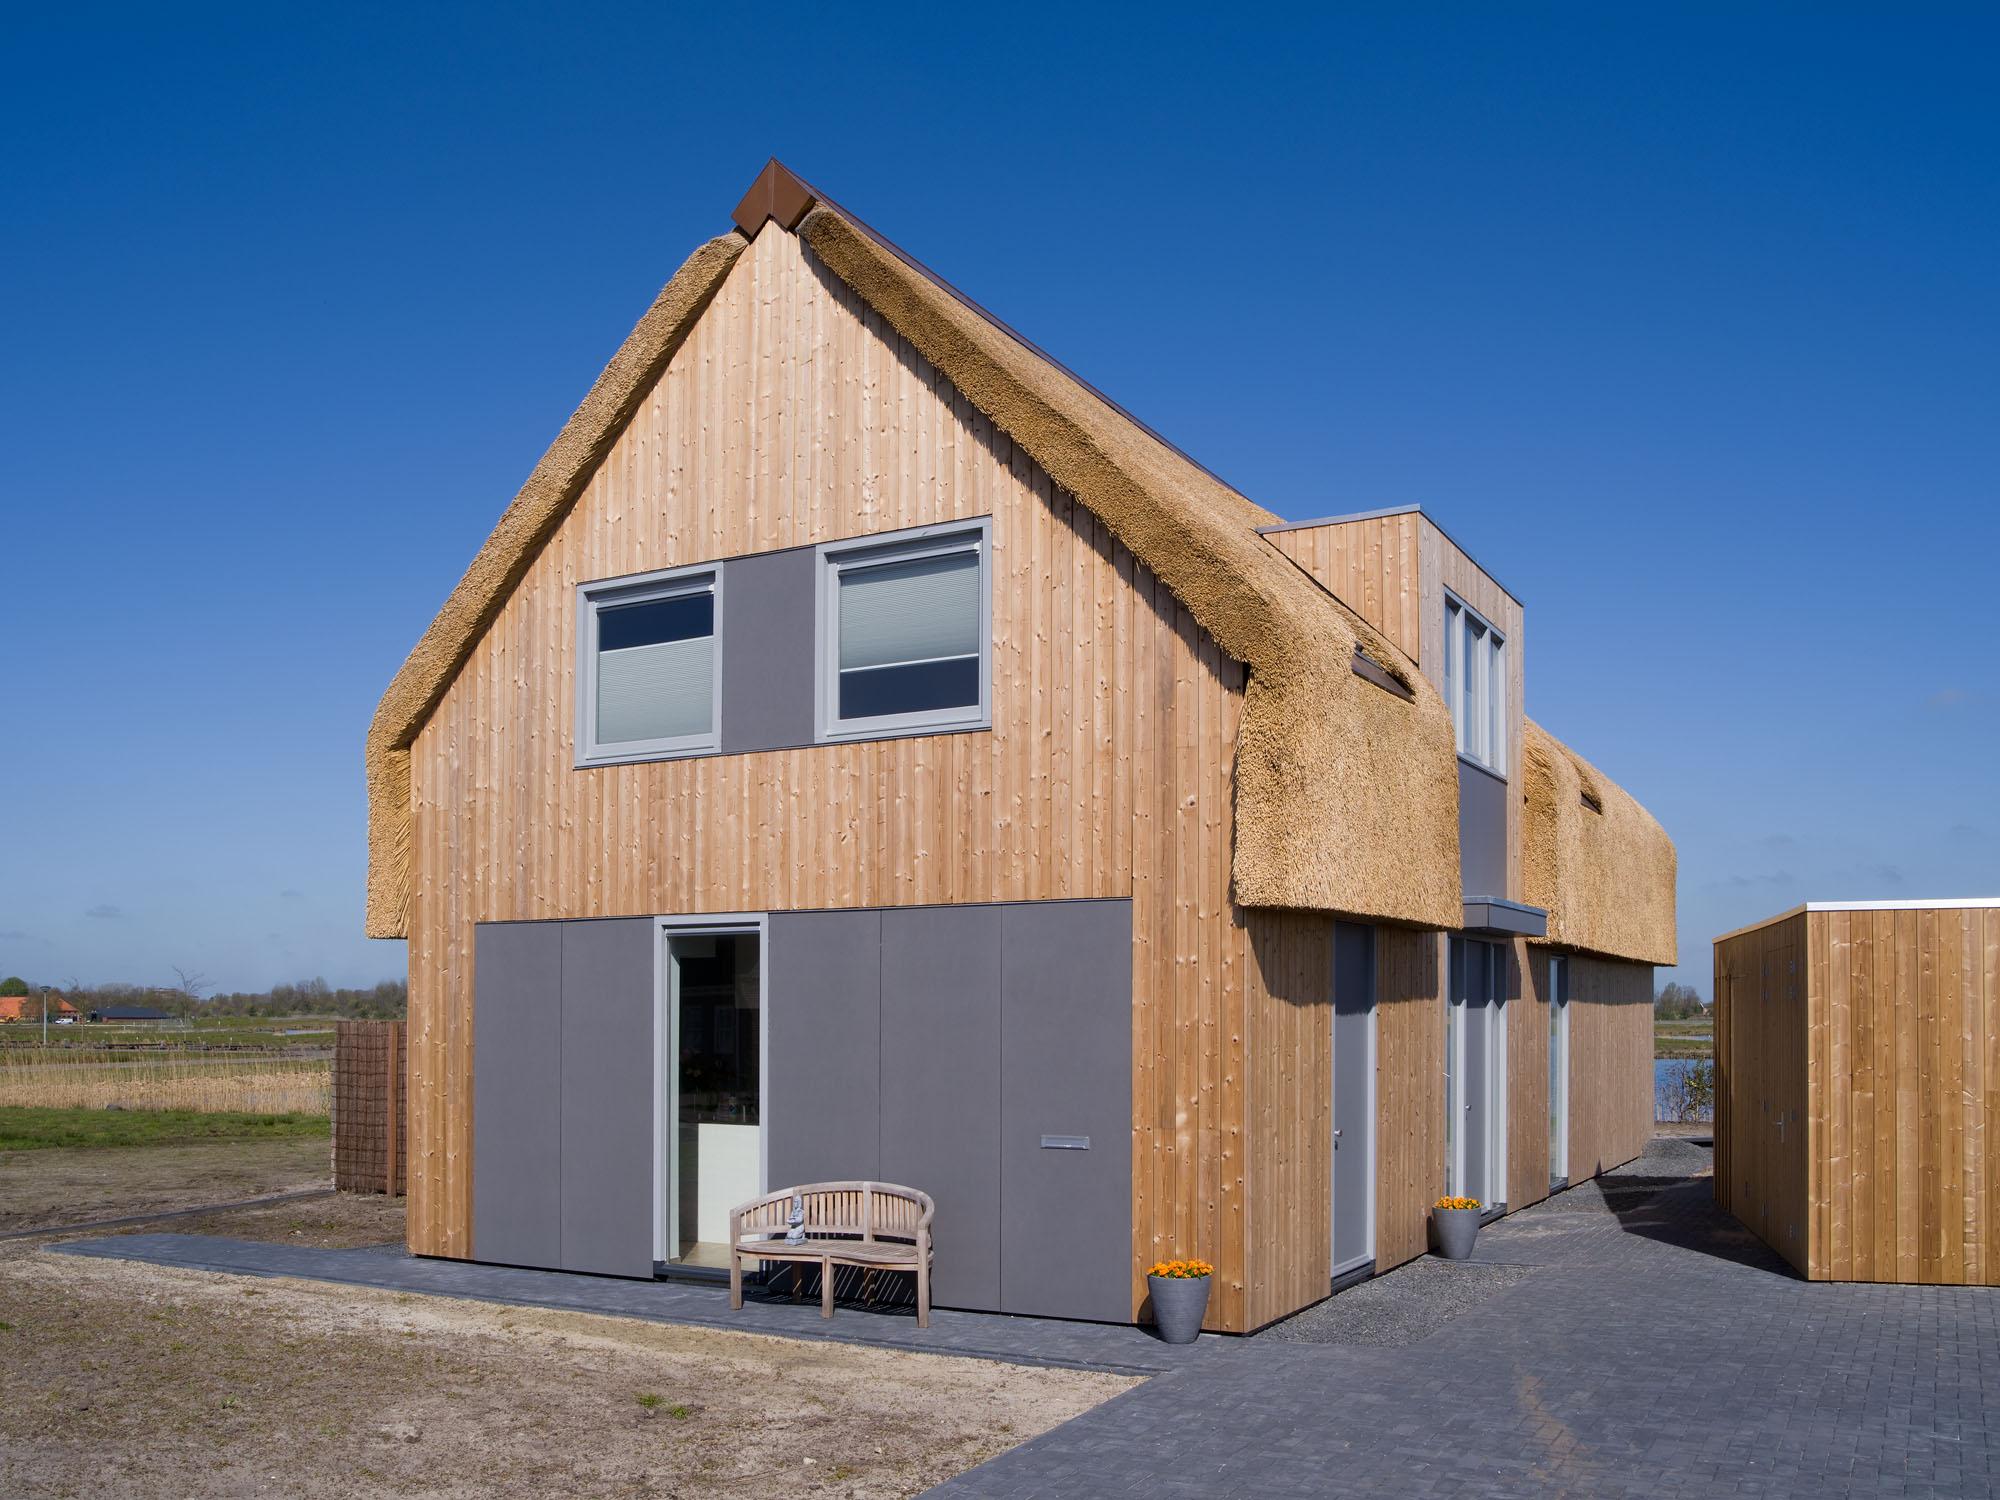 Deze rietgedekte woning is aardbevingsbestendig ontworpen en gebouwd aan het water in Groningen.